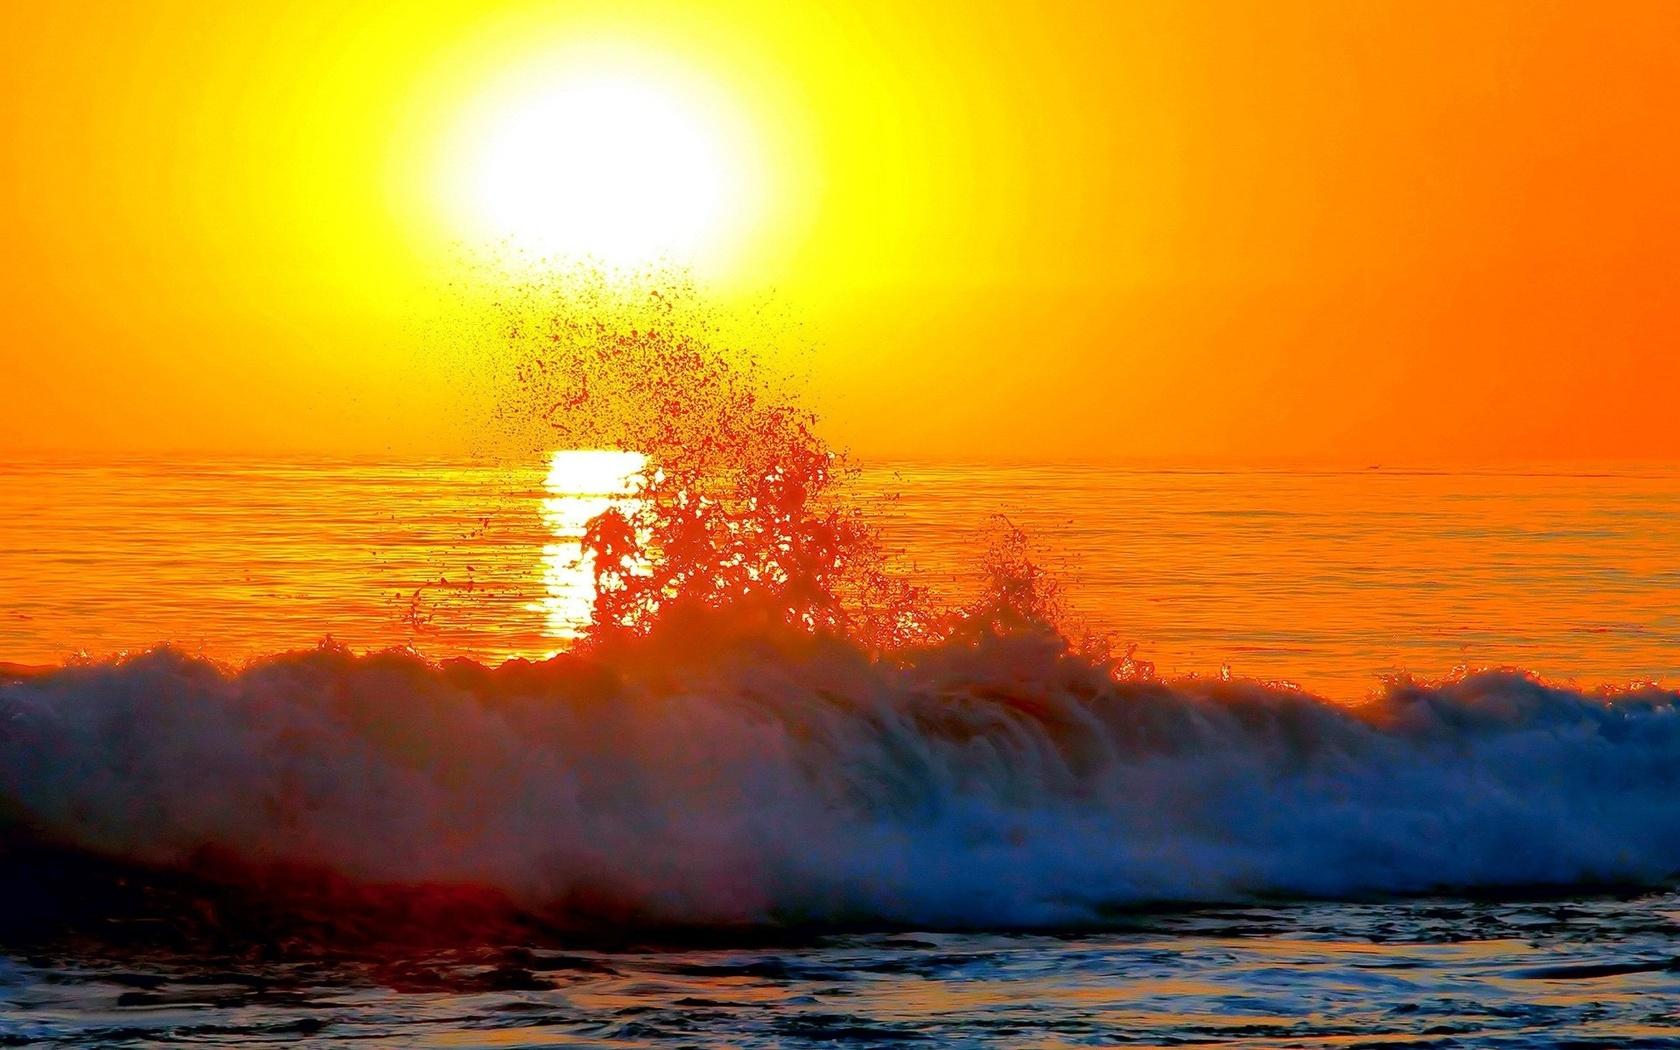 Картинки море волны солнце, приветик